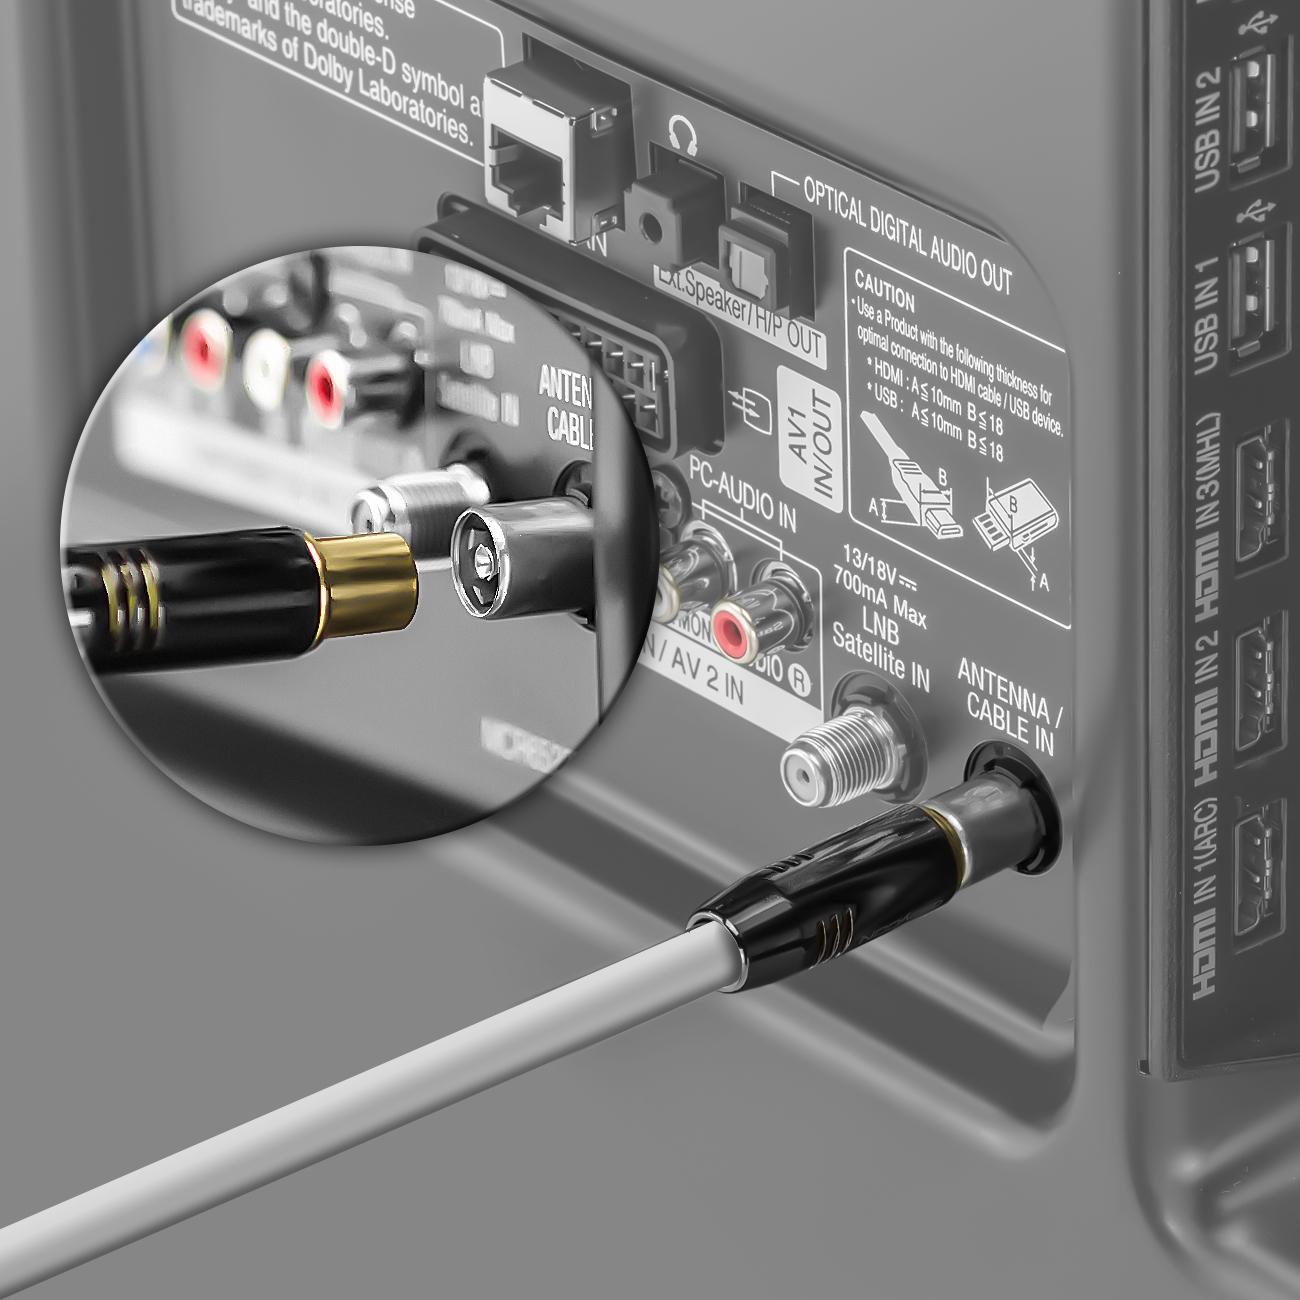 deleycon tv antennen kabel fullhd wei 10 l ngen deleycon. Black Bedroom Furniture Sets. Home Design Ideas